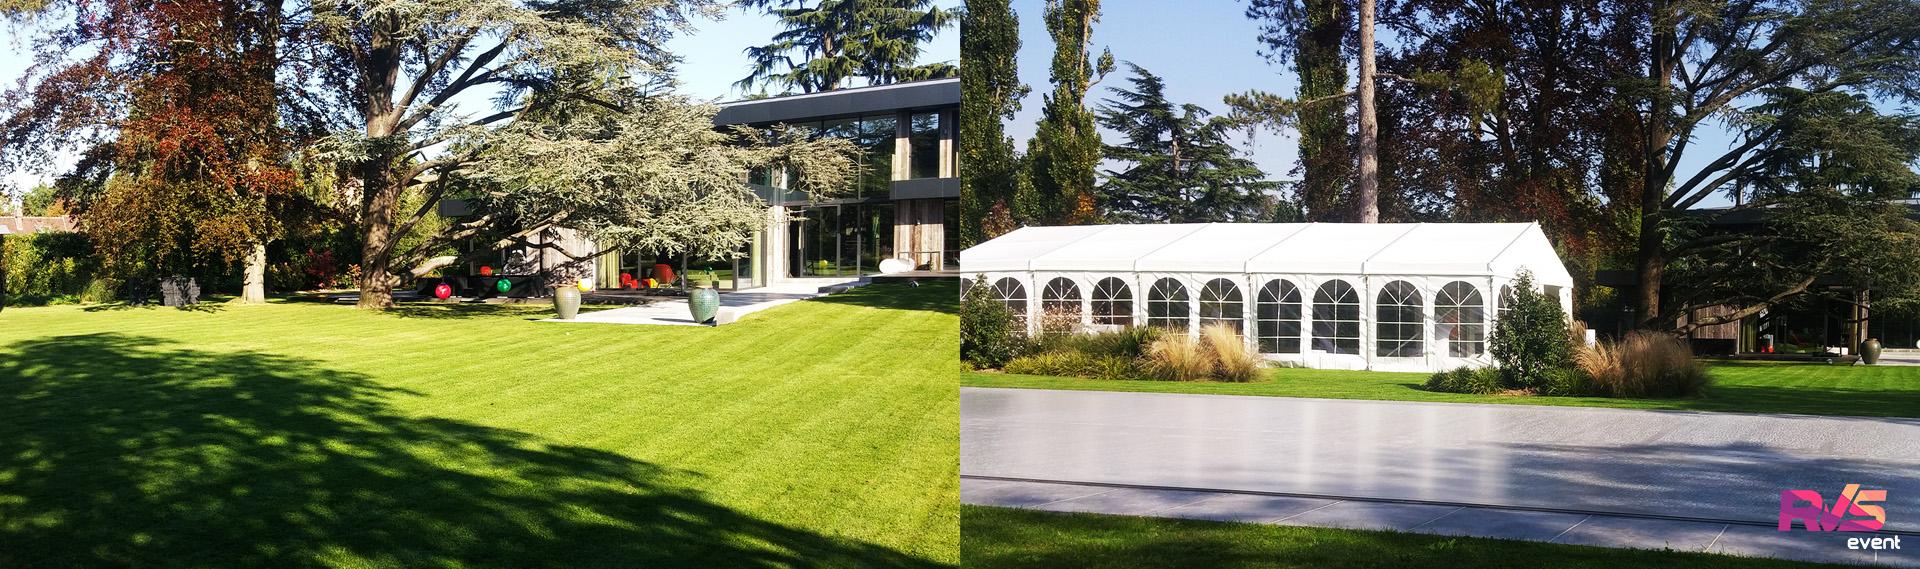 location tente de r ception ev nement dans jardin. Black Bedroom Furniture Sets. Home Design Ideas